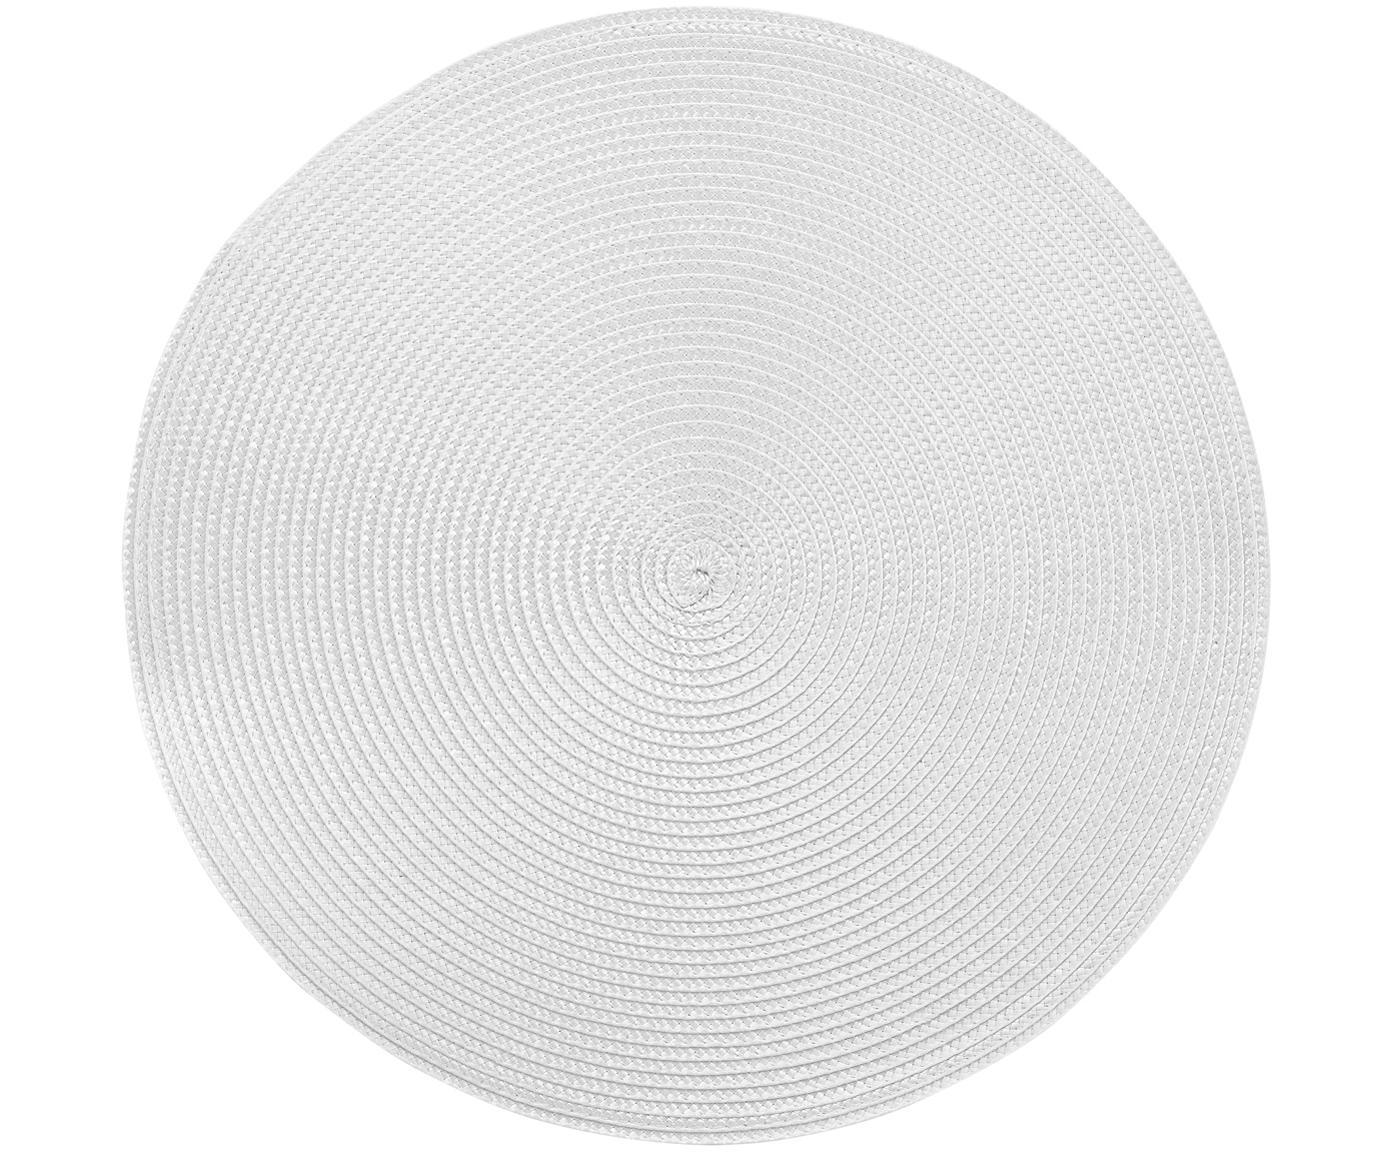 Tovaglietta americana in plastica rotonda Ambiente 2 pz, Materiale sintetico, Grigio chiaro, Ø 38 cm